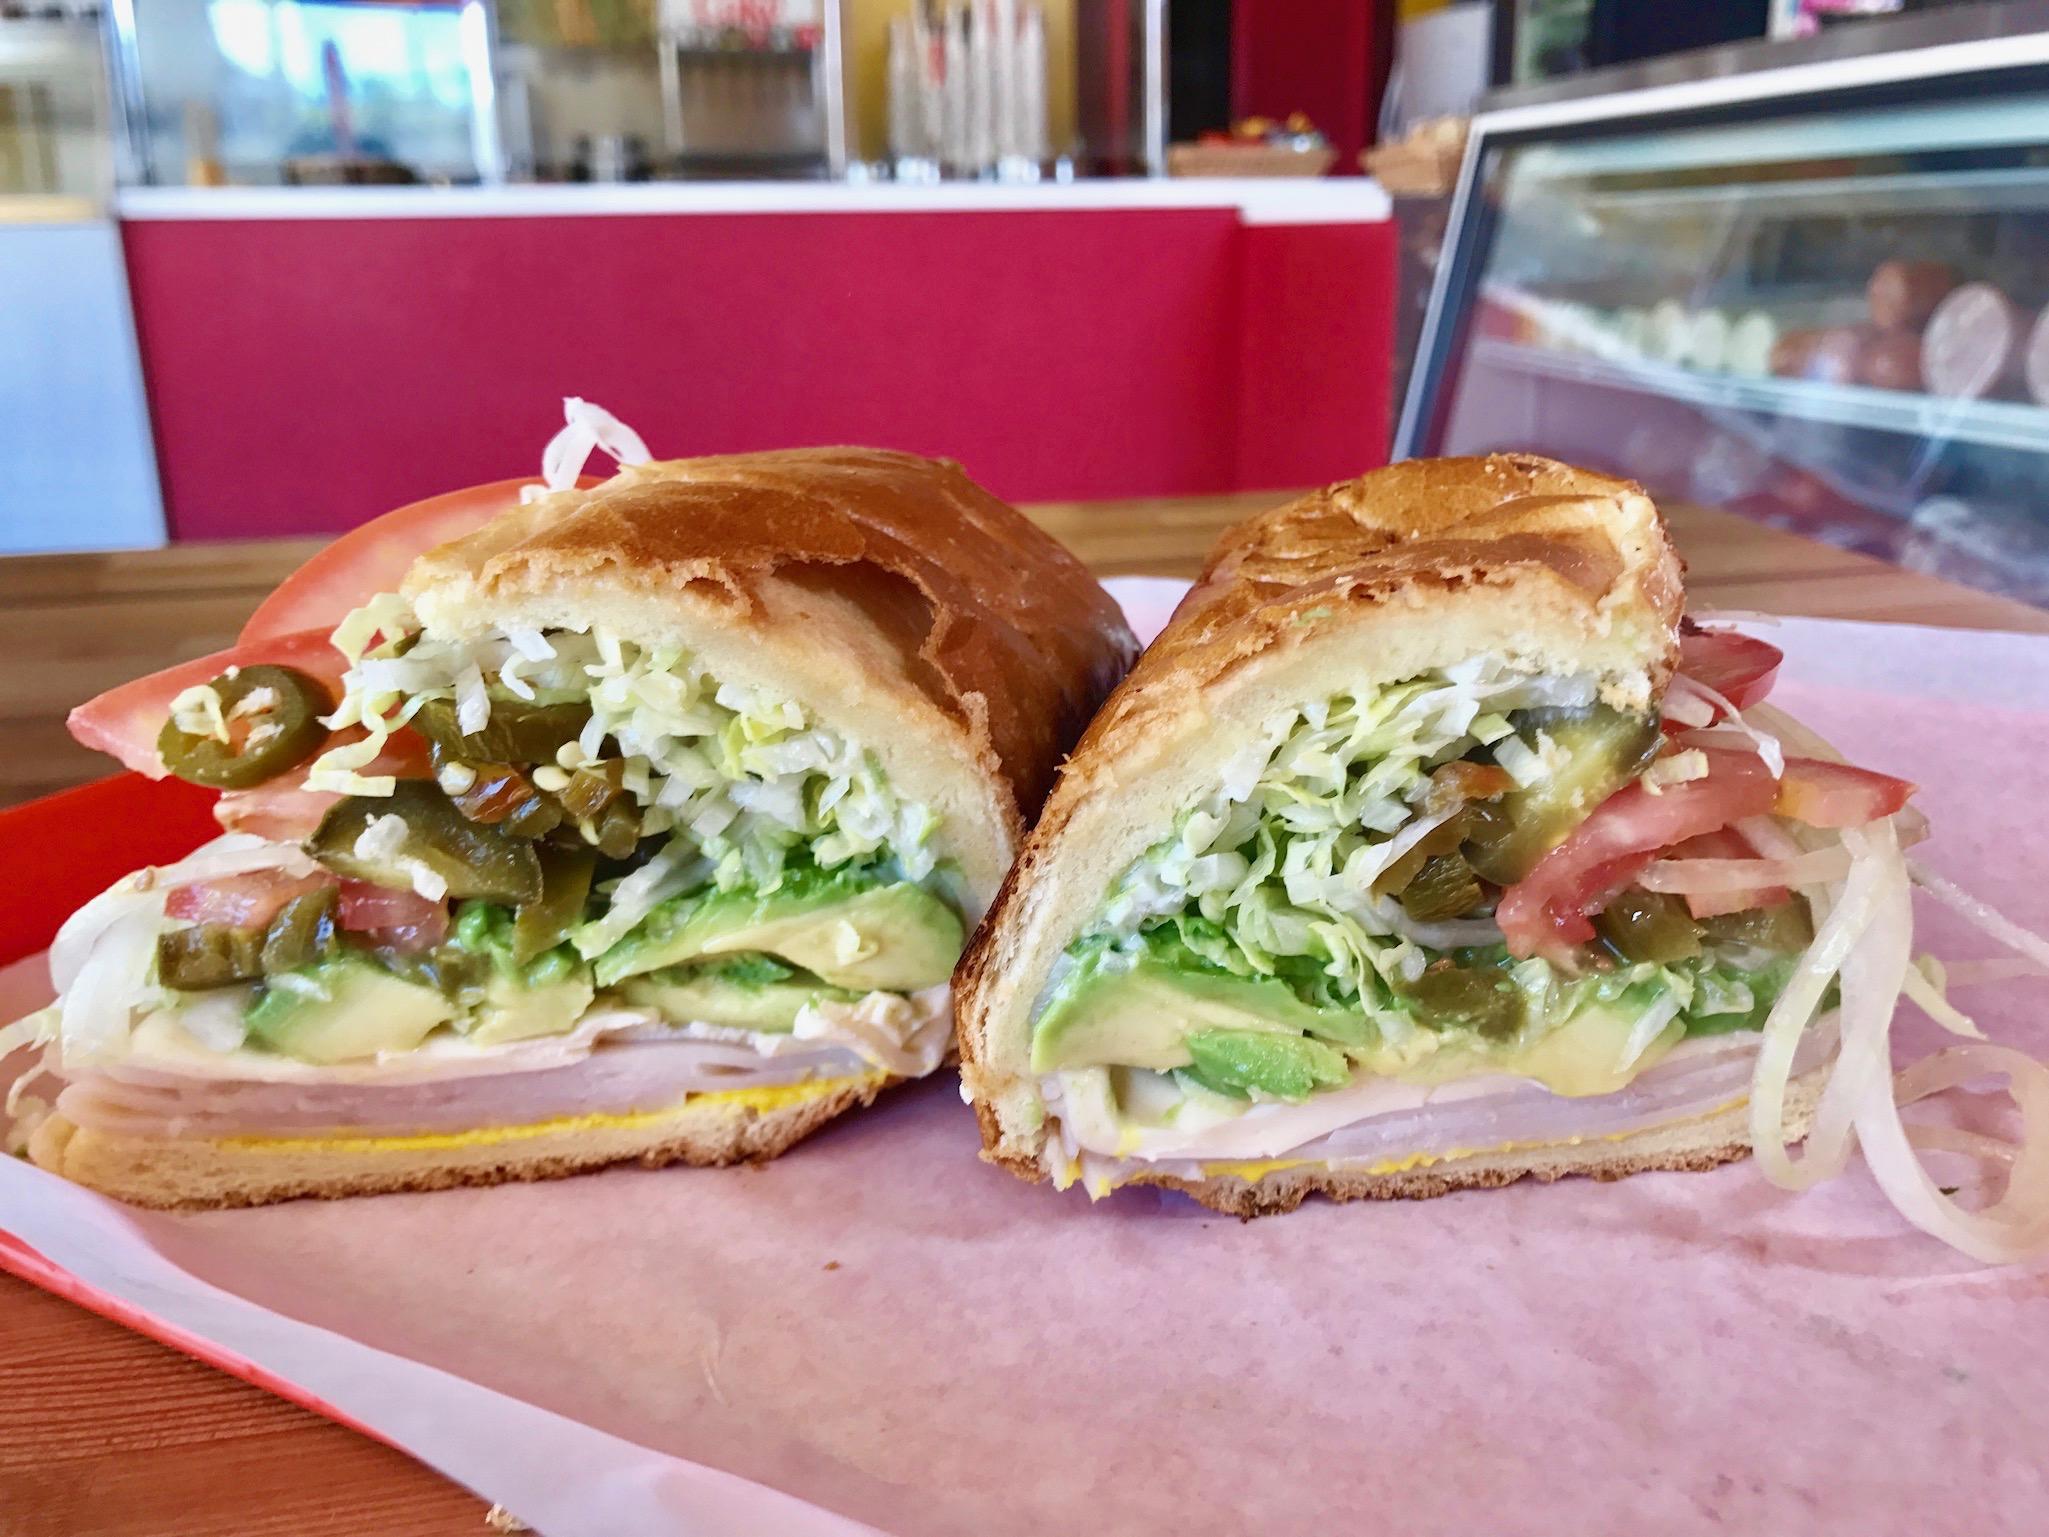 The avocado turkey sandwich will added jalapeno.